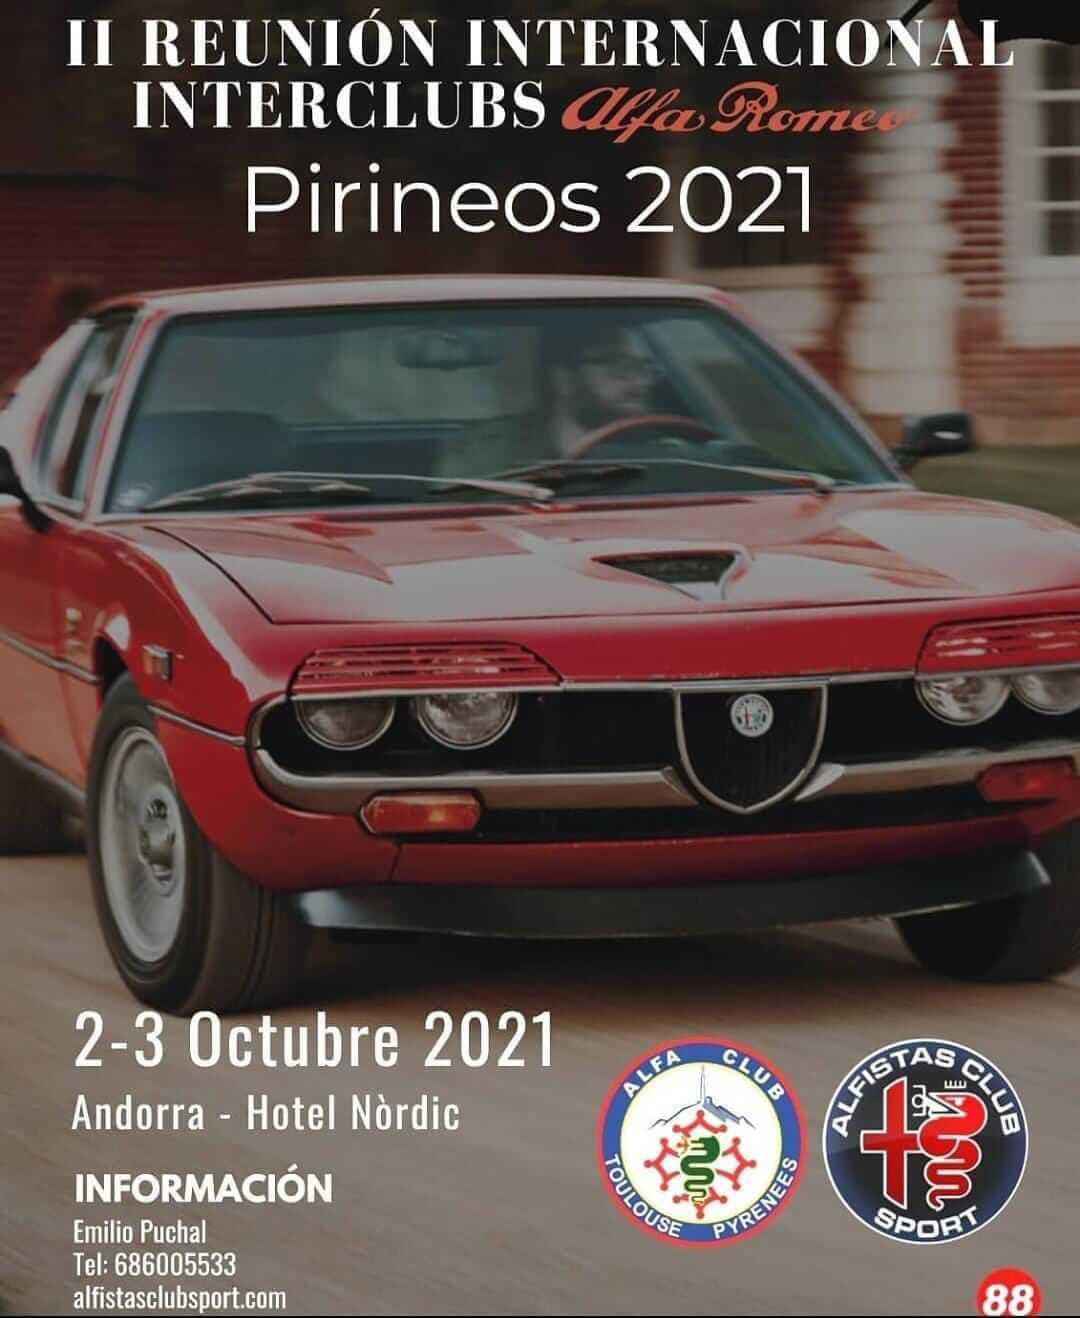 Reunión Interclubs Alfa Romeo en Andorra